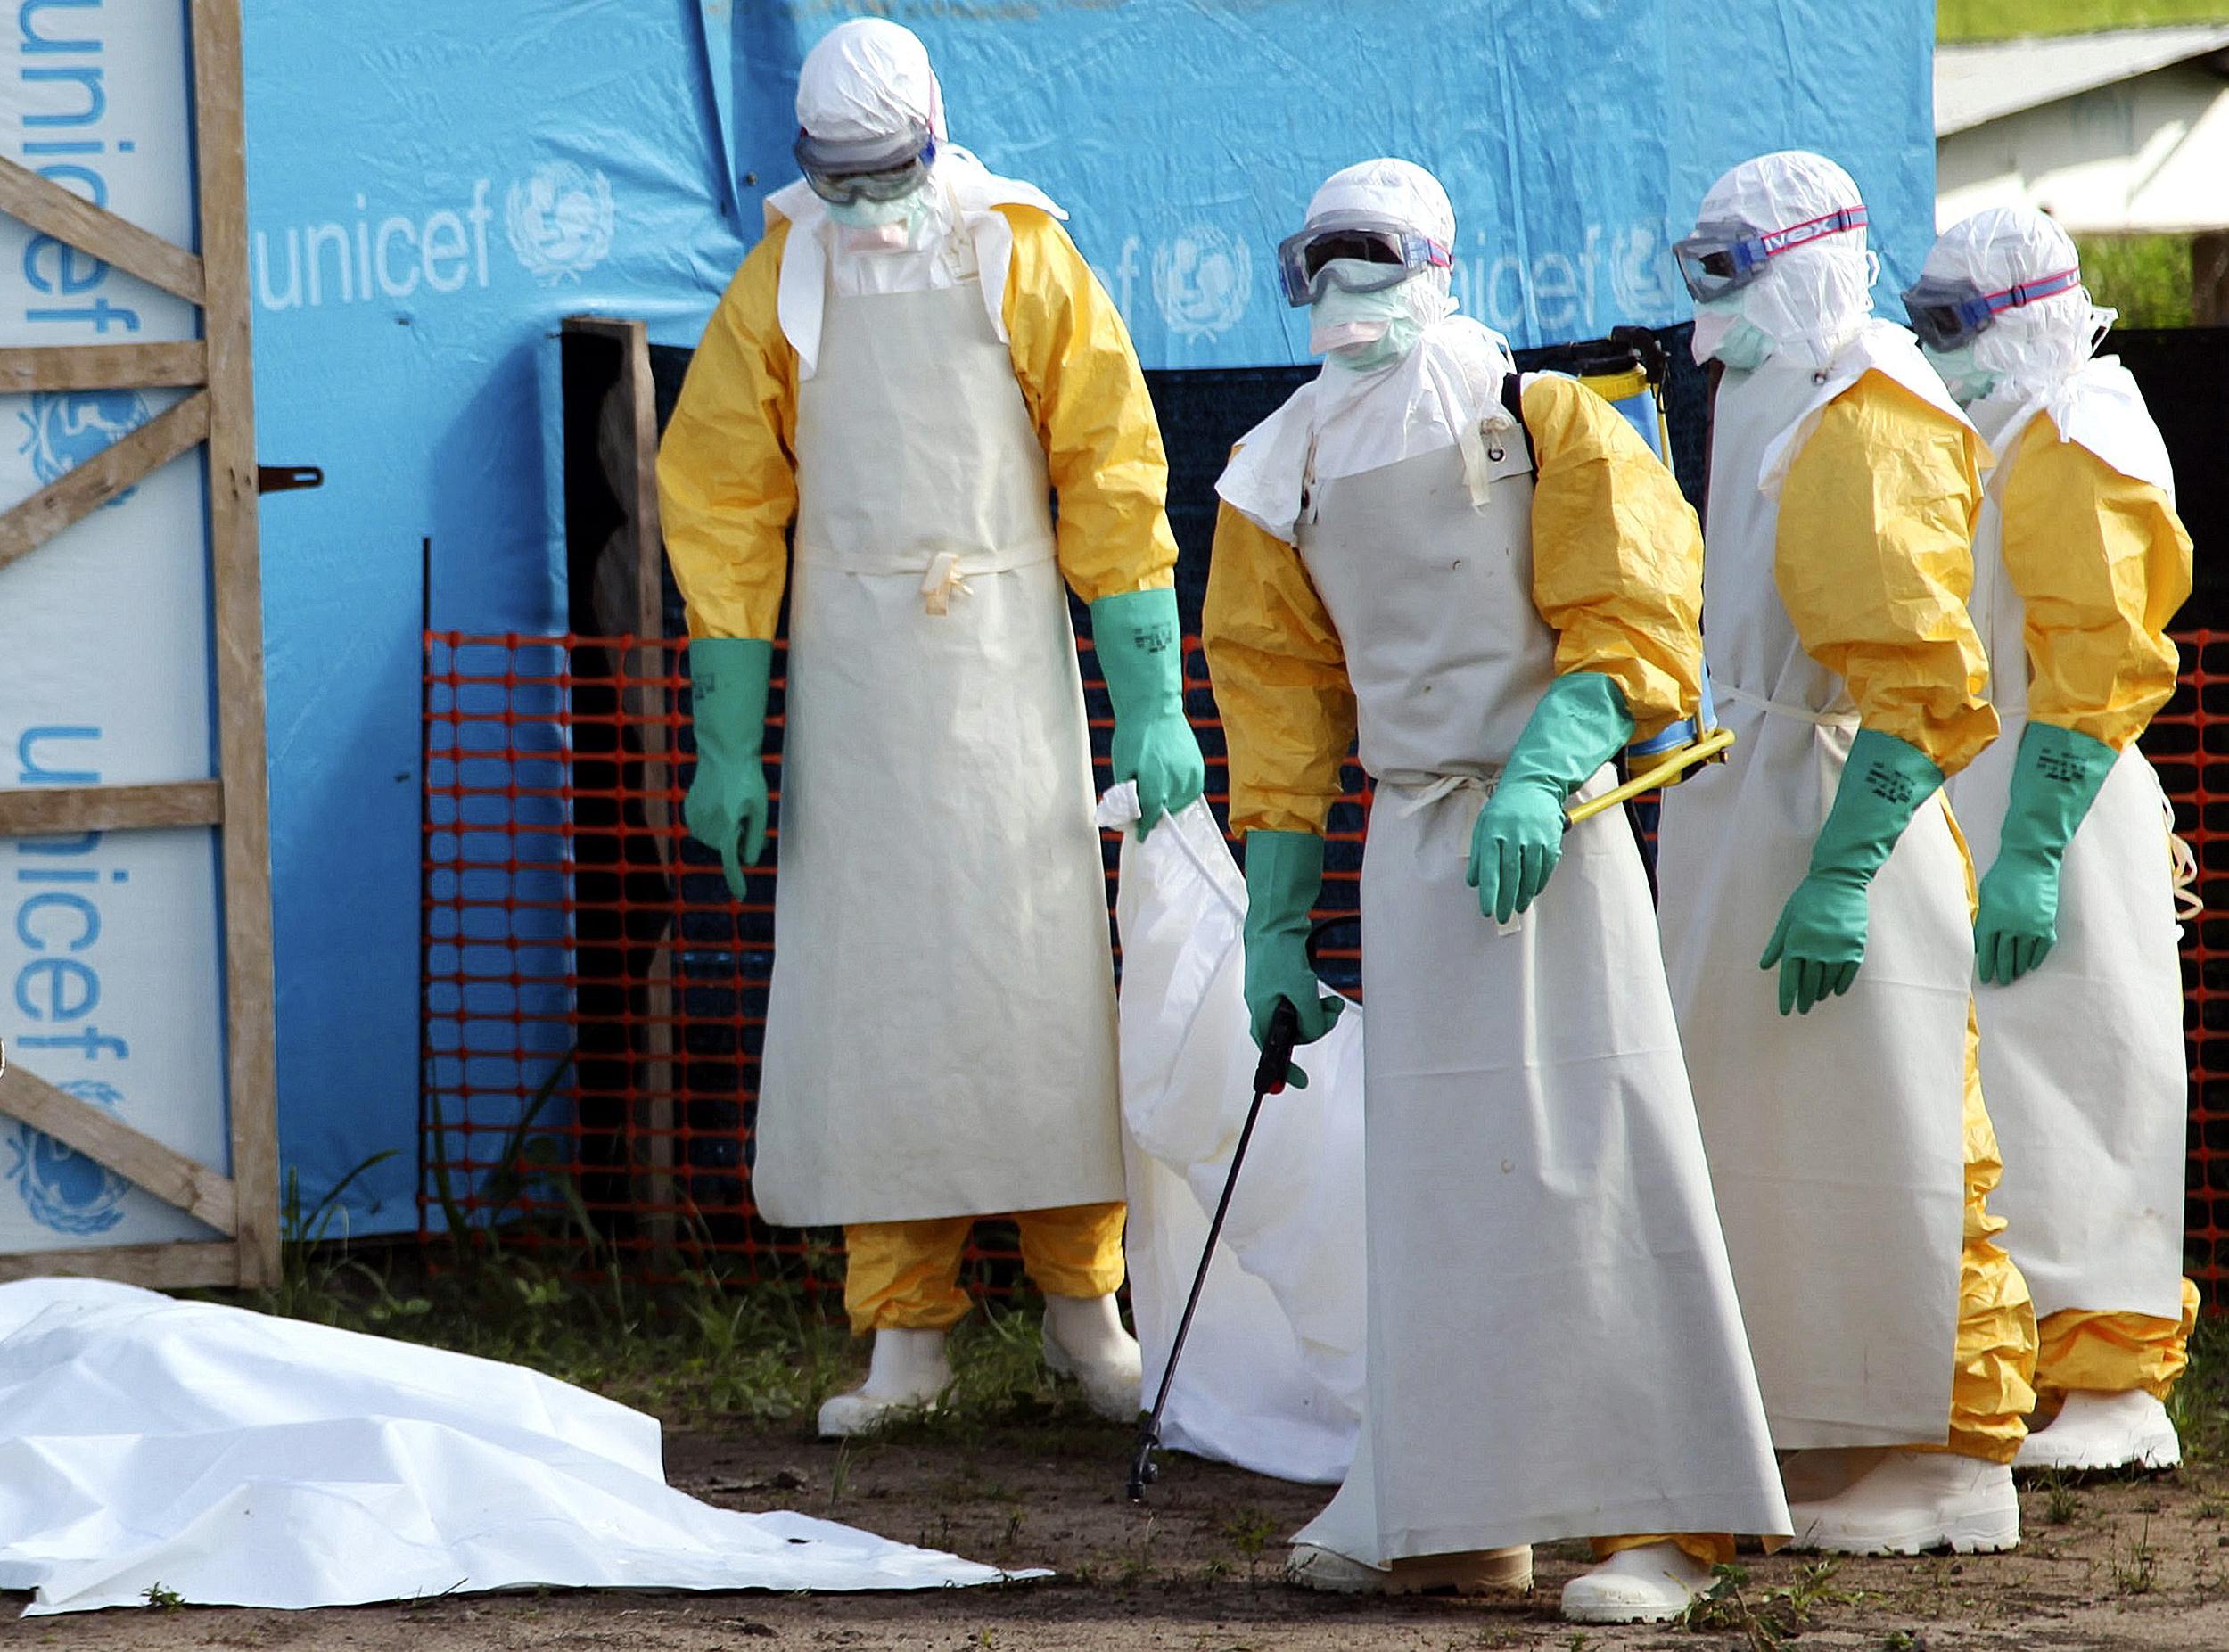 http://media3.s-nbcnews.com/i/newscms/2014_31/588826/140728-ebola-liberia-jms-1706_8c9cb50e983bc3837e738c2fbef66739.jpg